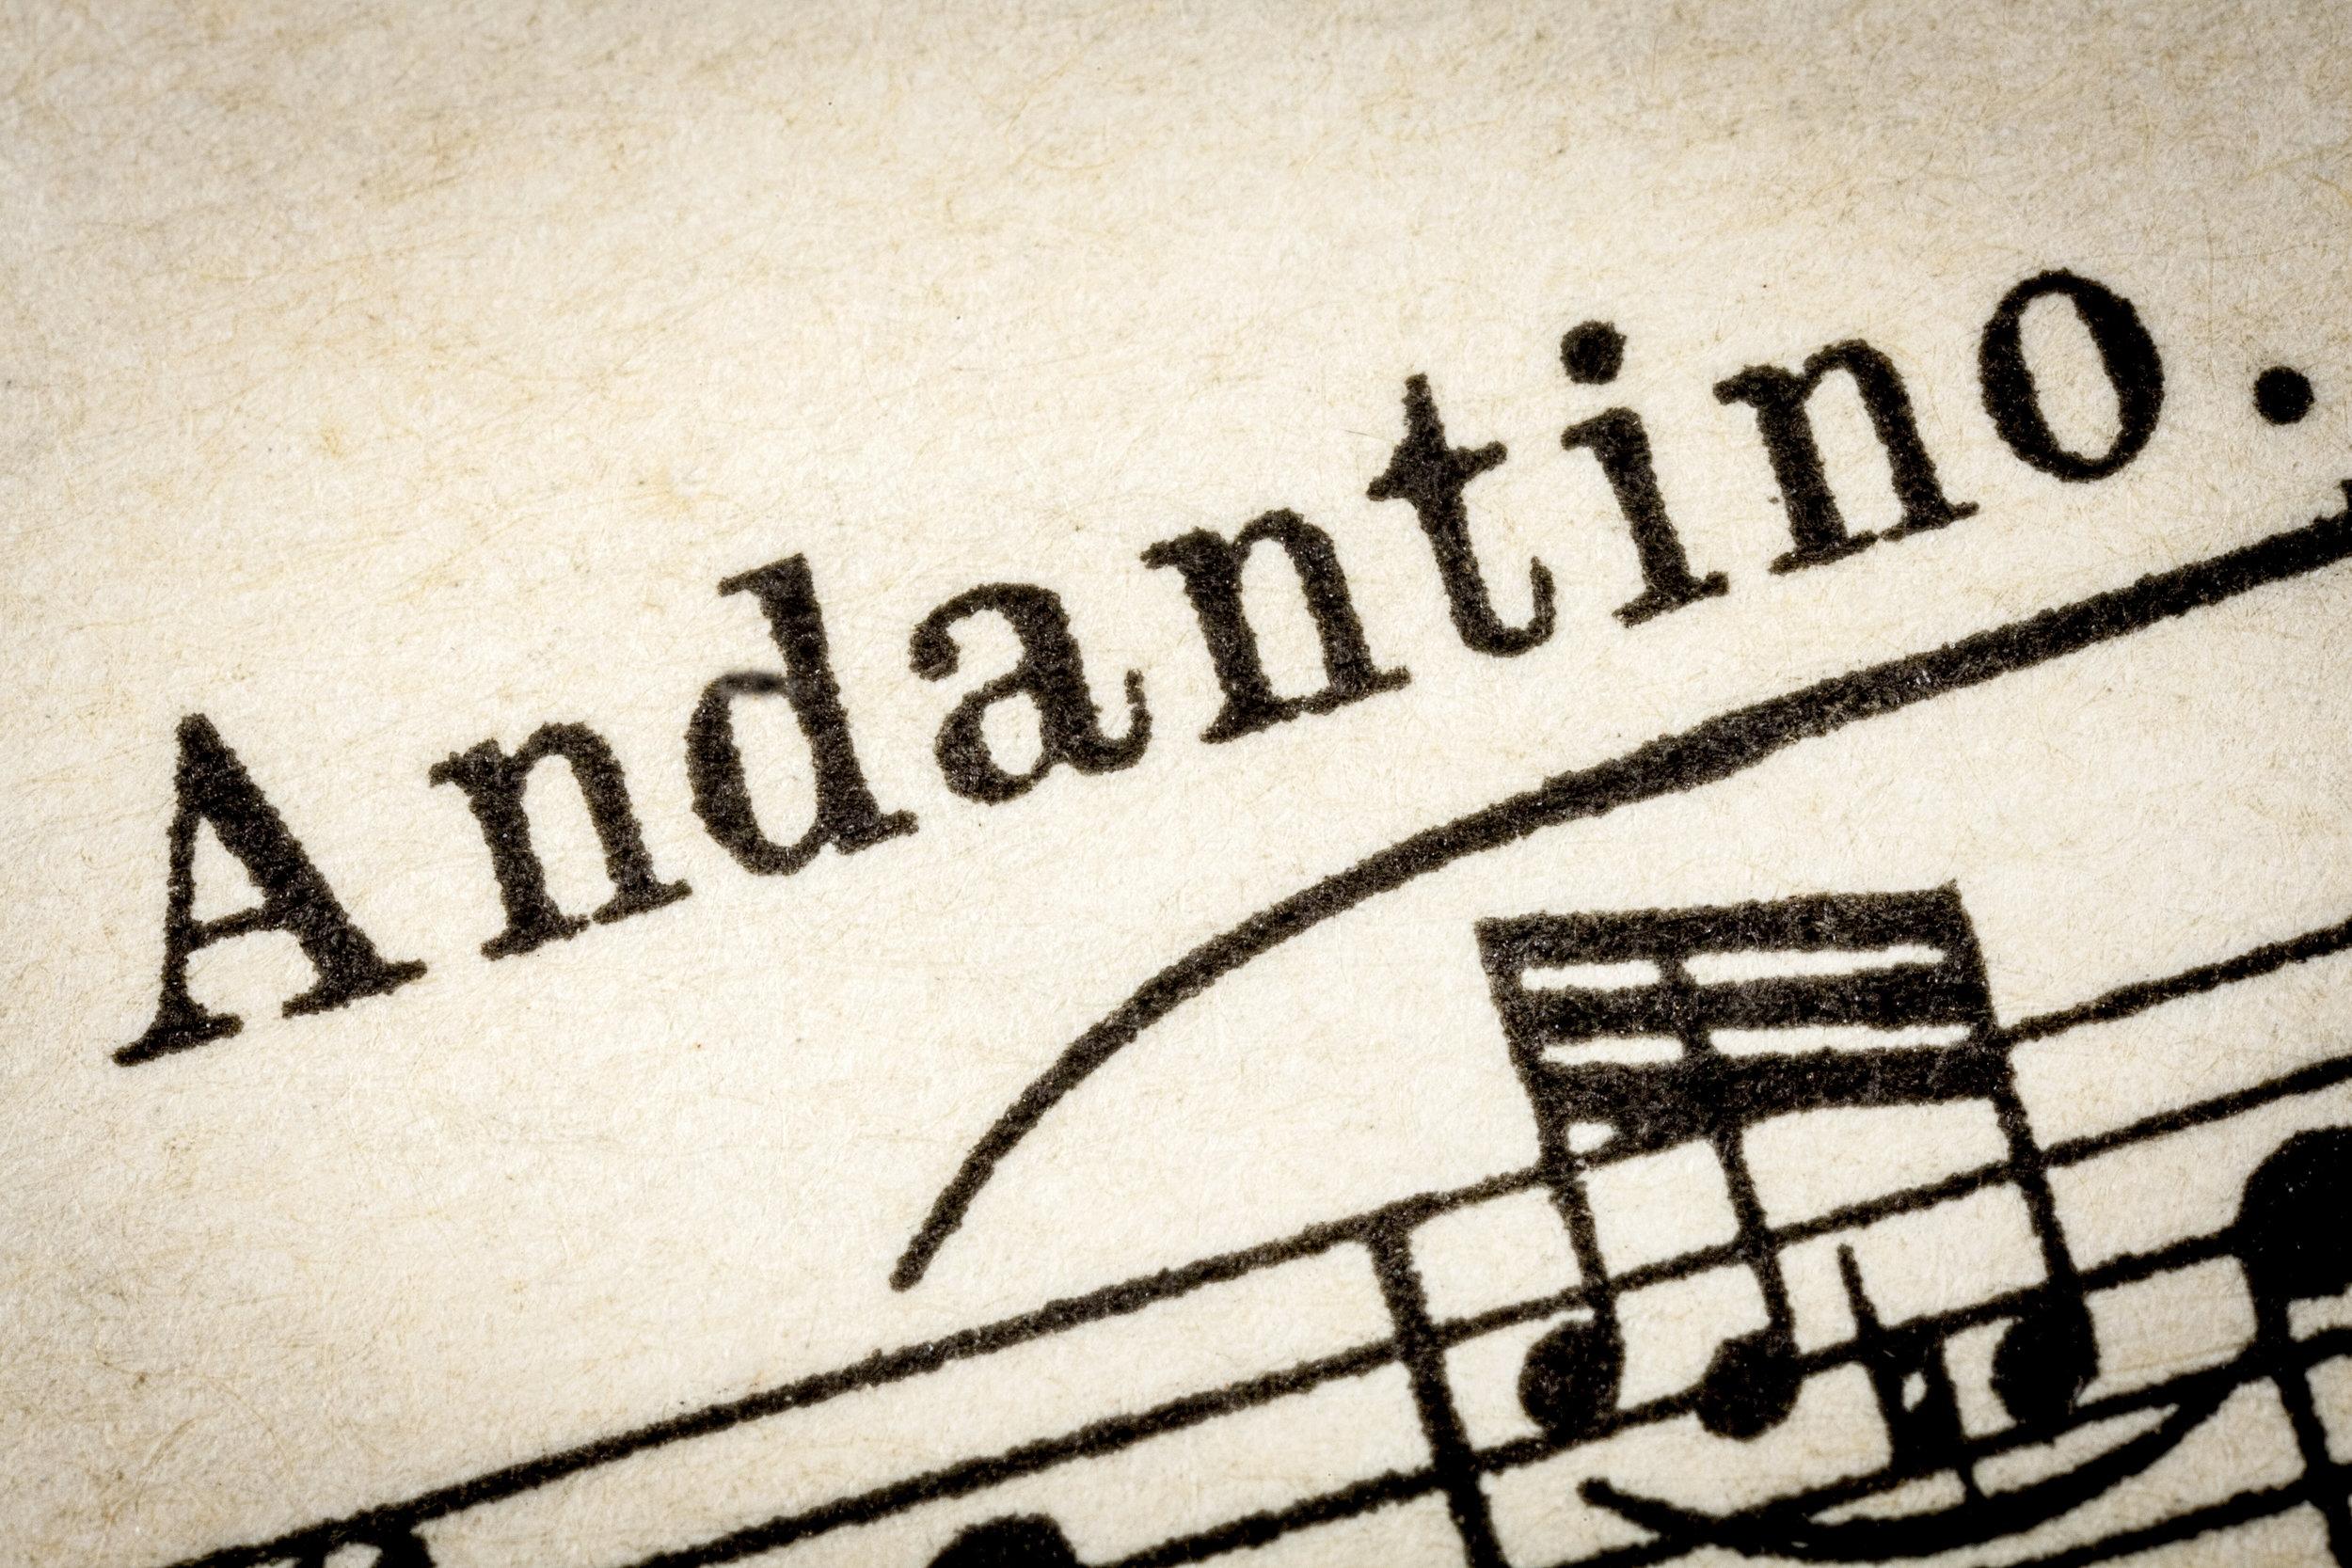 Andantino - AdobeStock_76447773.jpeg